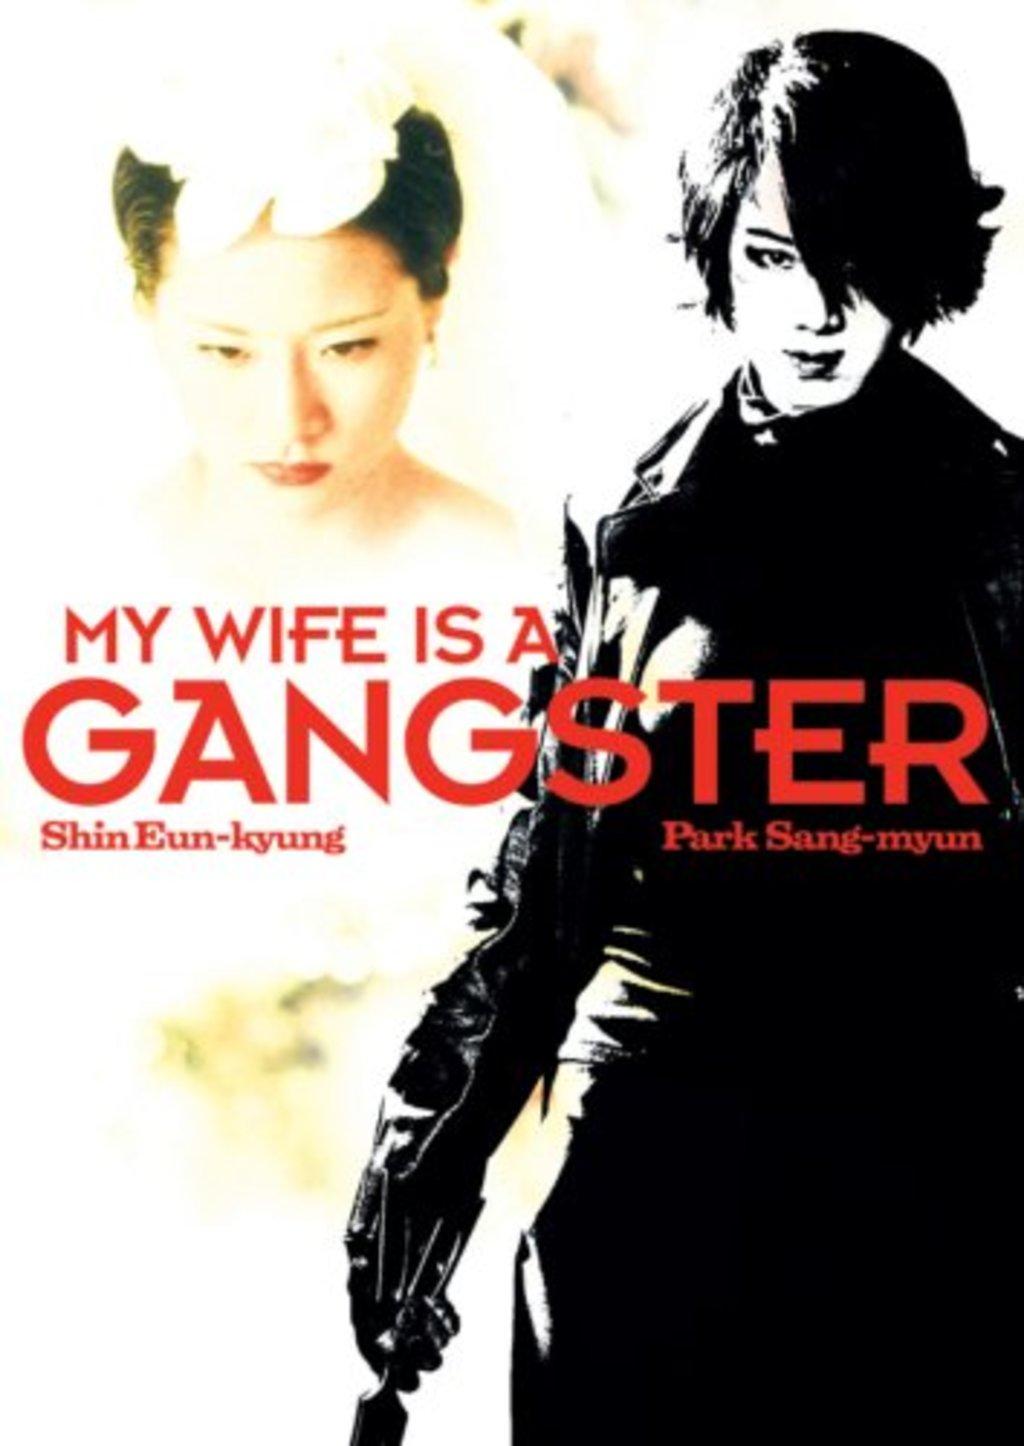 Phim xã hội đen Hàn Quốc hay nhất:Vợ tôi là một gangster